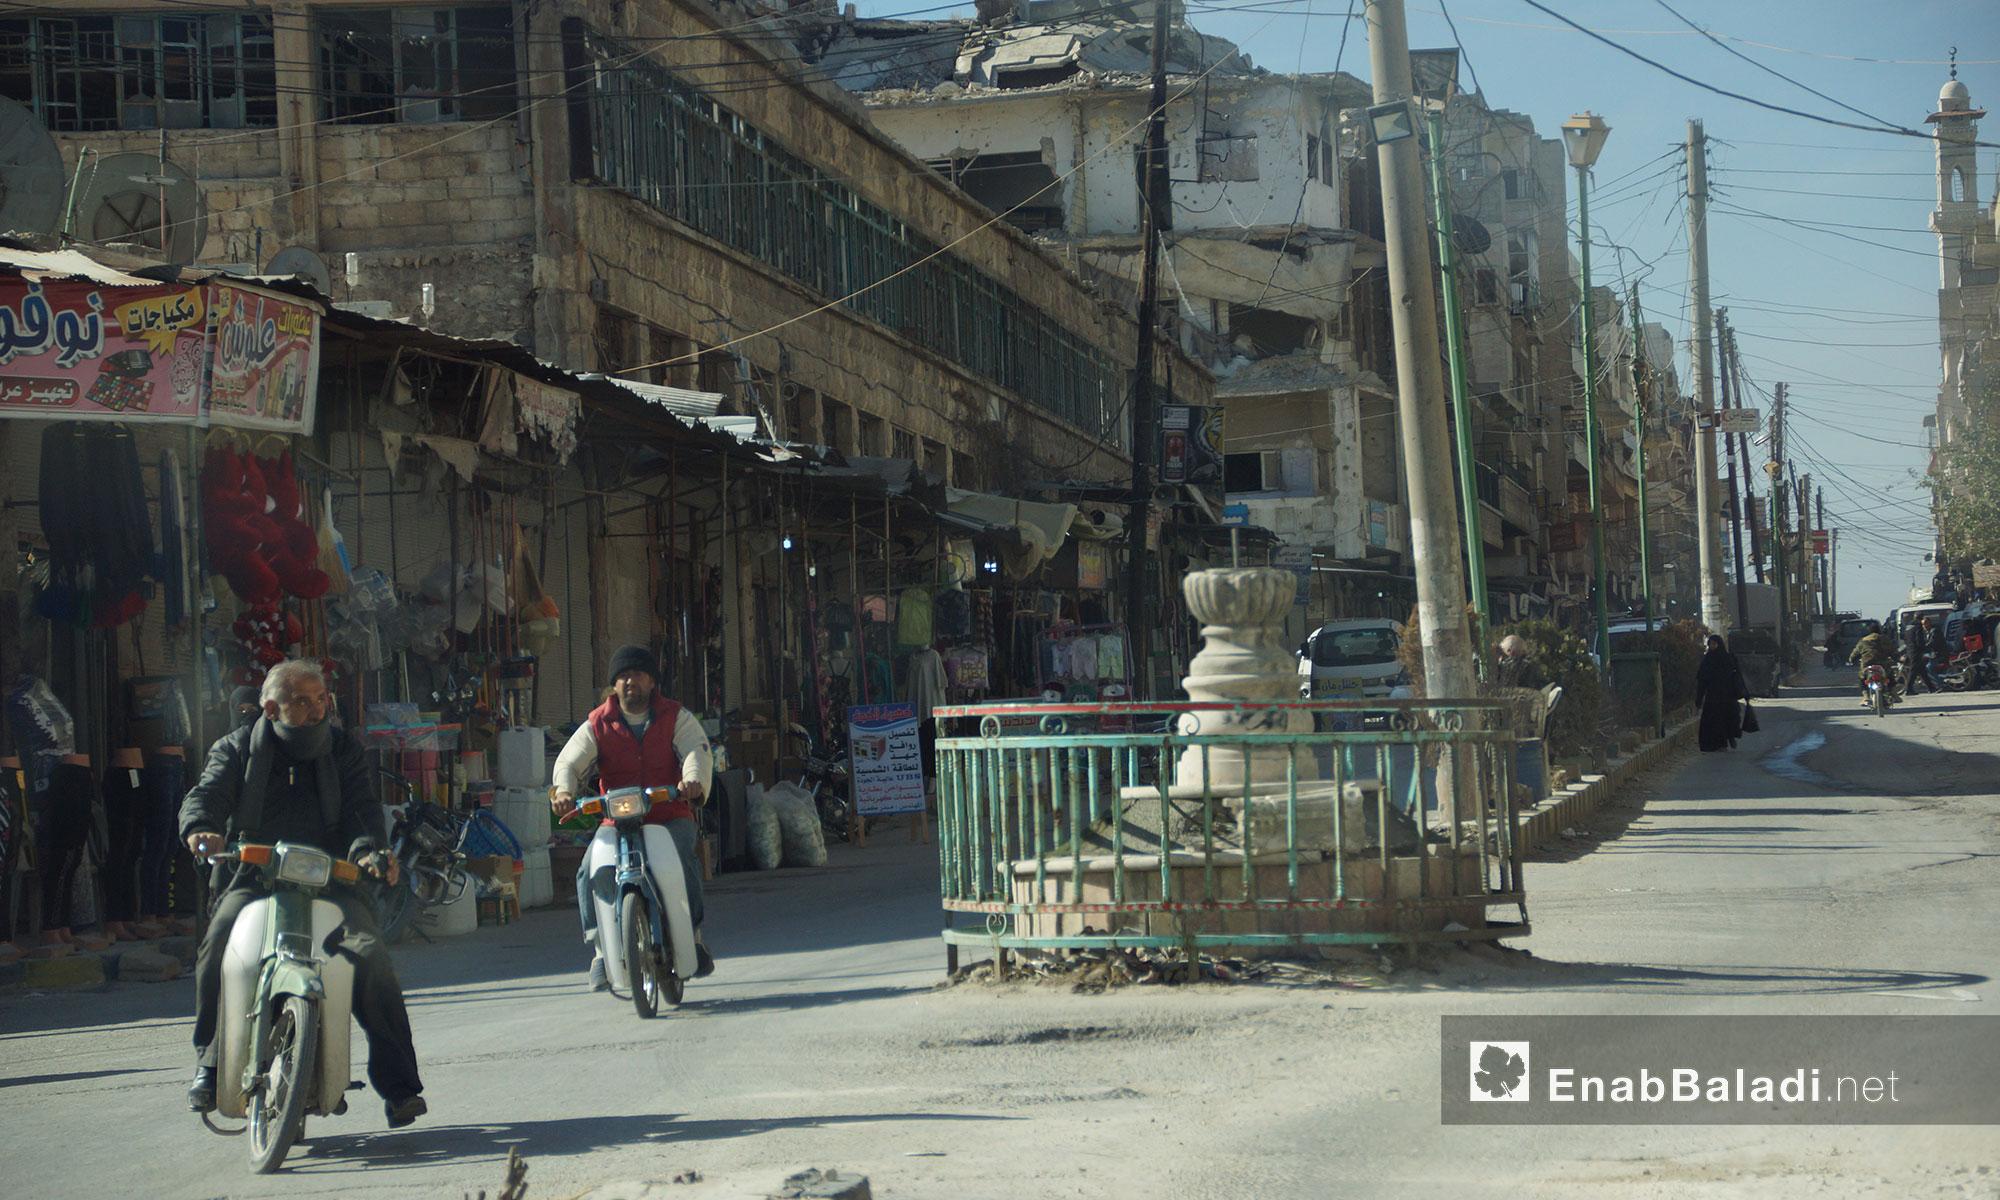 أحد أحياء معرة النعمان ريف إدلب الجنوبي - 24 تشرين الثاني 2016 (عنب بلدي)